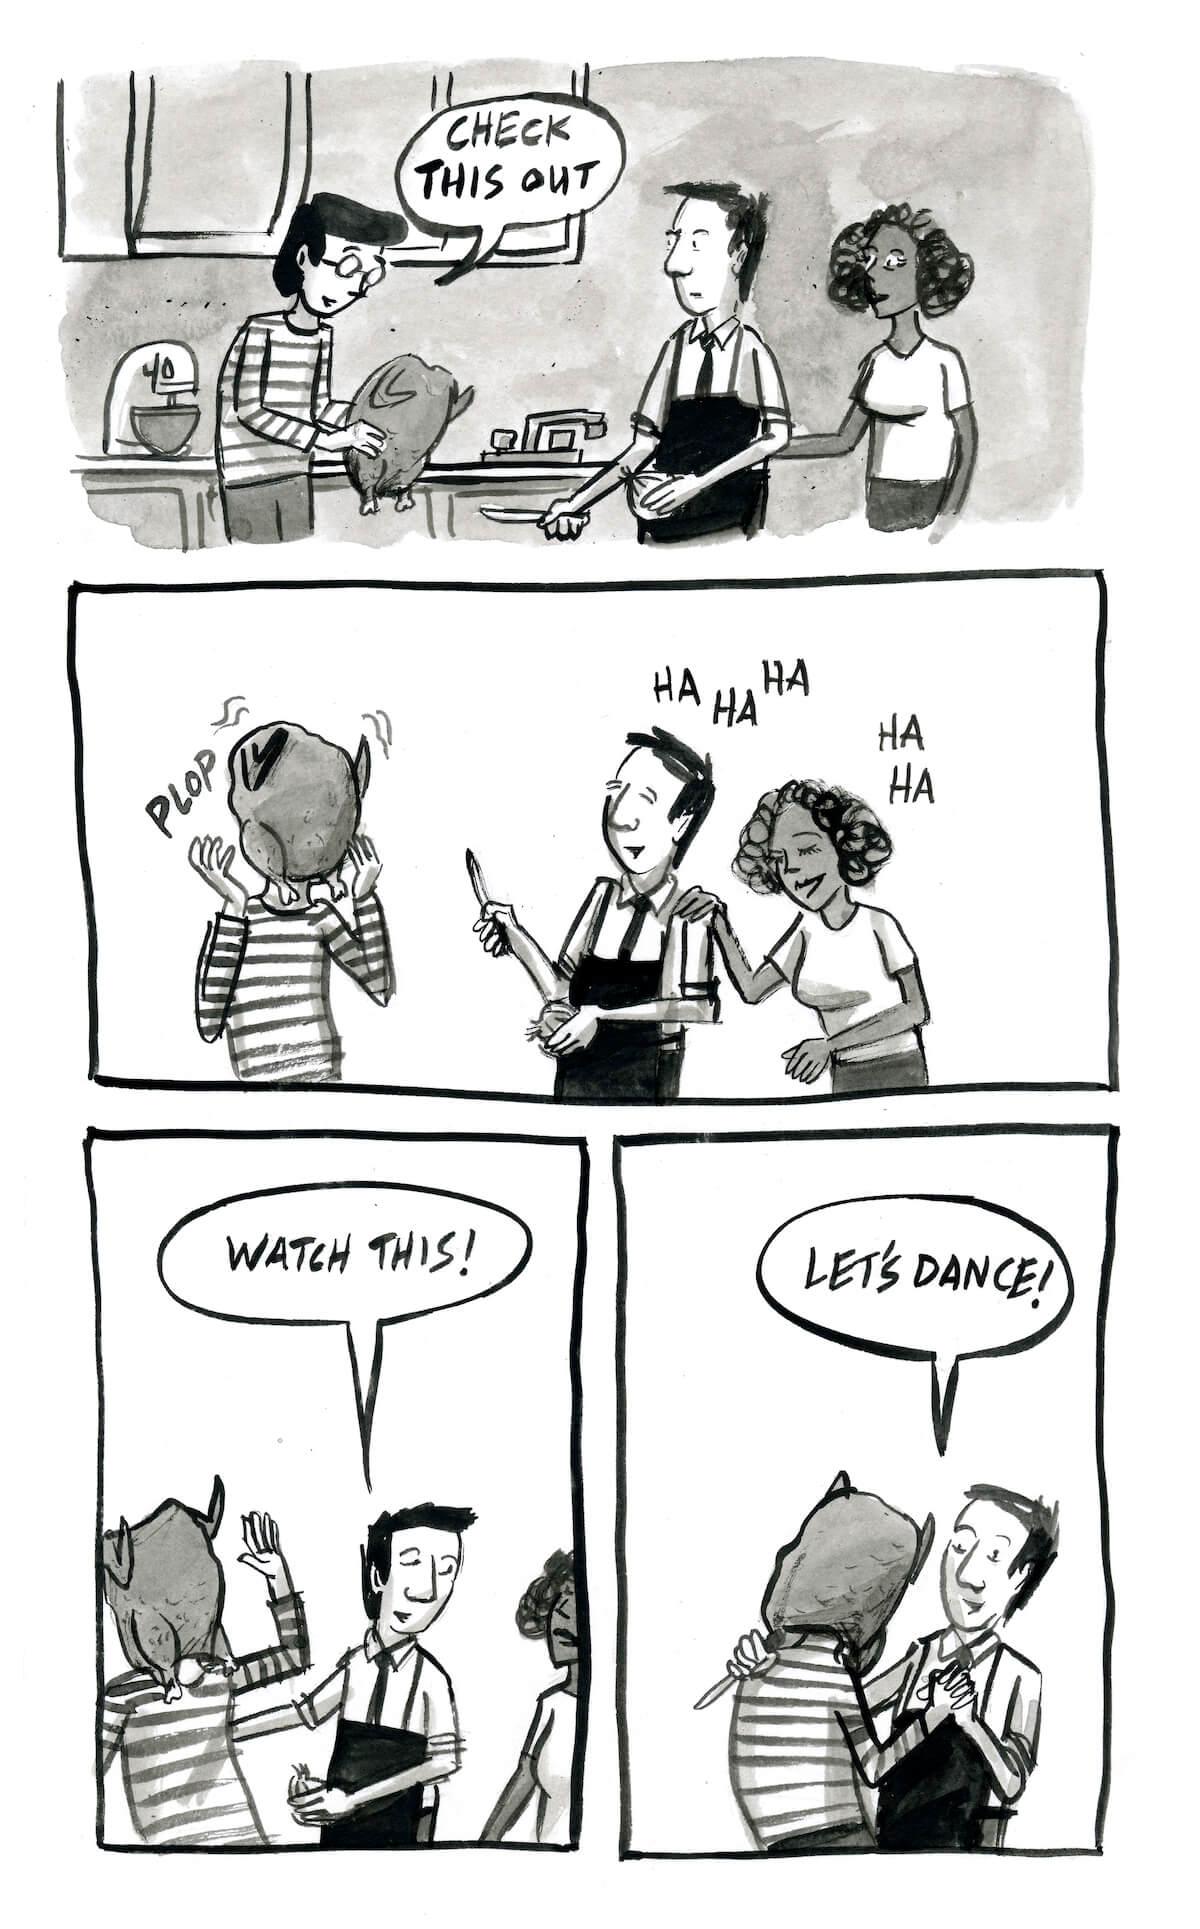 7e9ca2934 Aaron Bagley's Dream Comics: Let's Dance